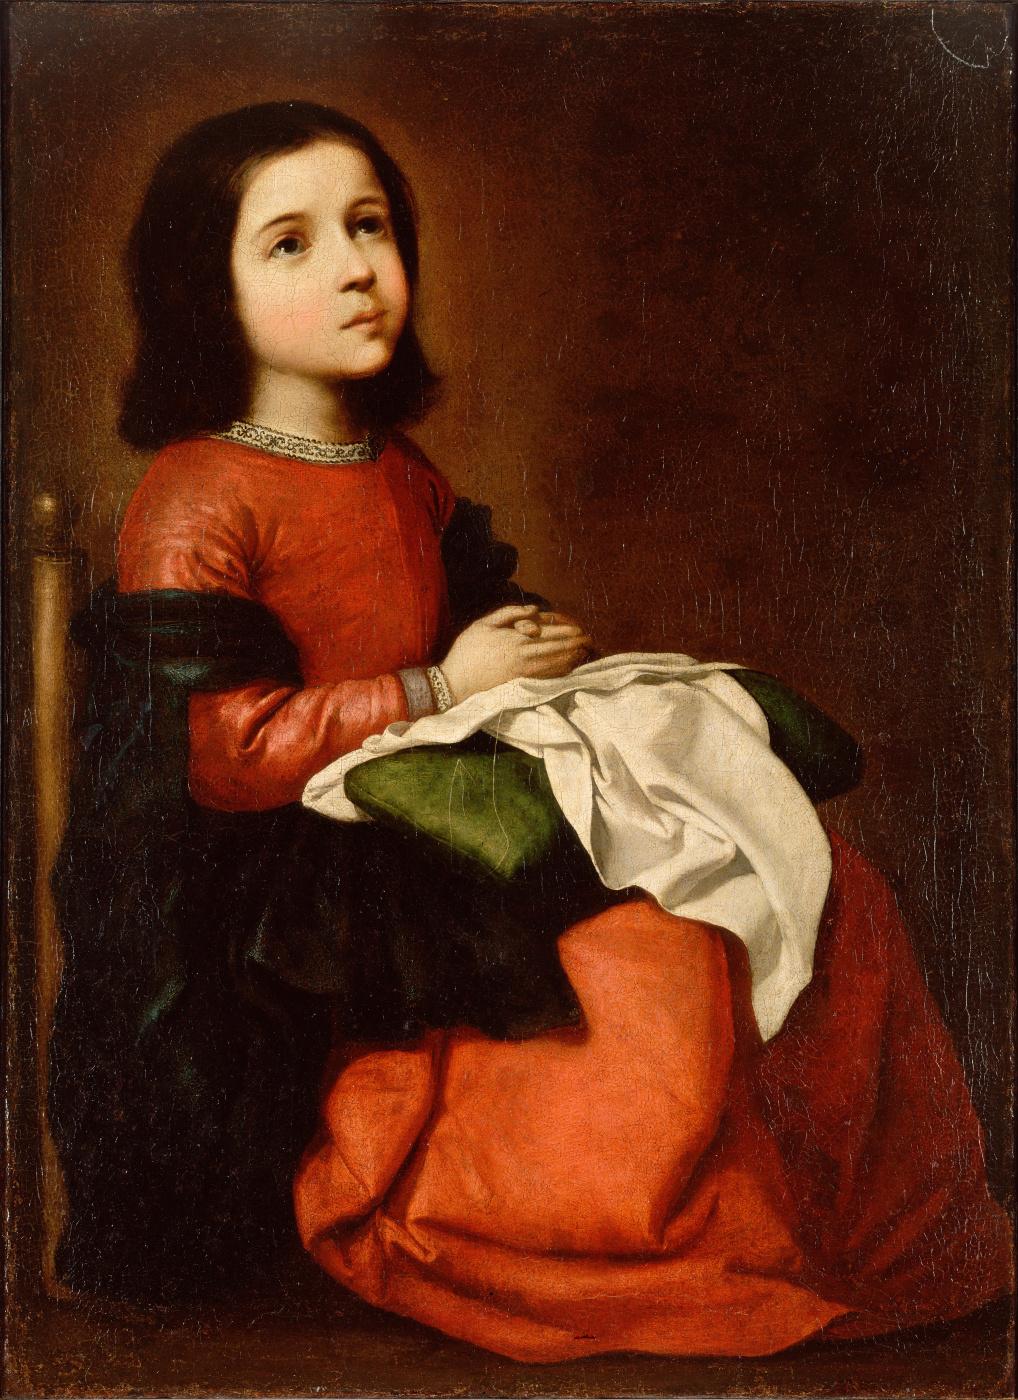 Francisco de Zurbaran. The Adolescence Of The Virgin